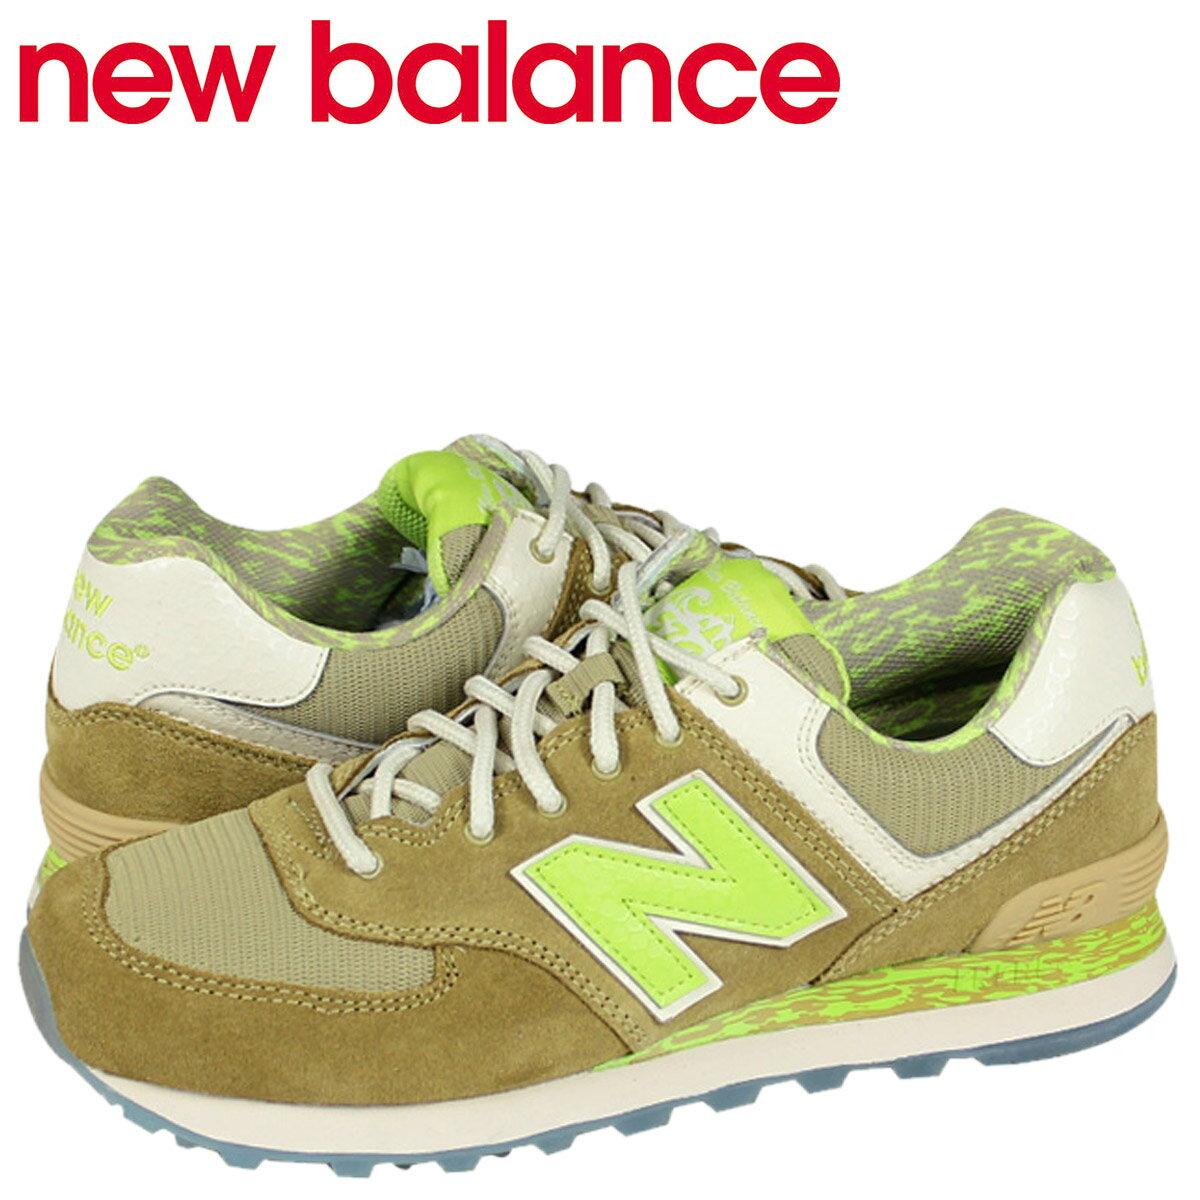 new balance ニューバランス 574 スニーカー  ML574CGP Dワイズ  メンズ 靴 イエロー